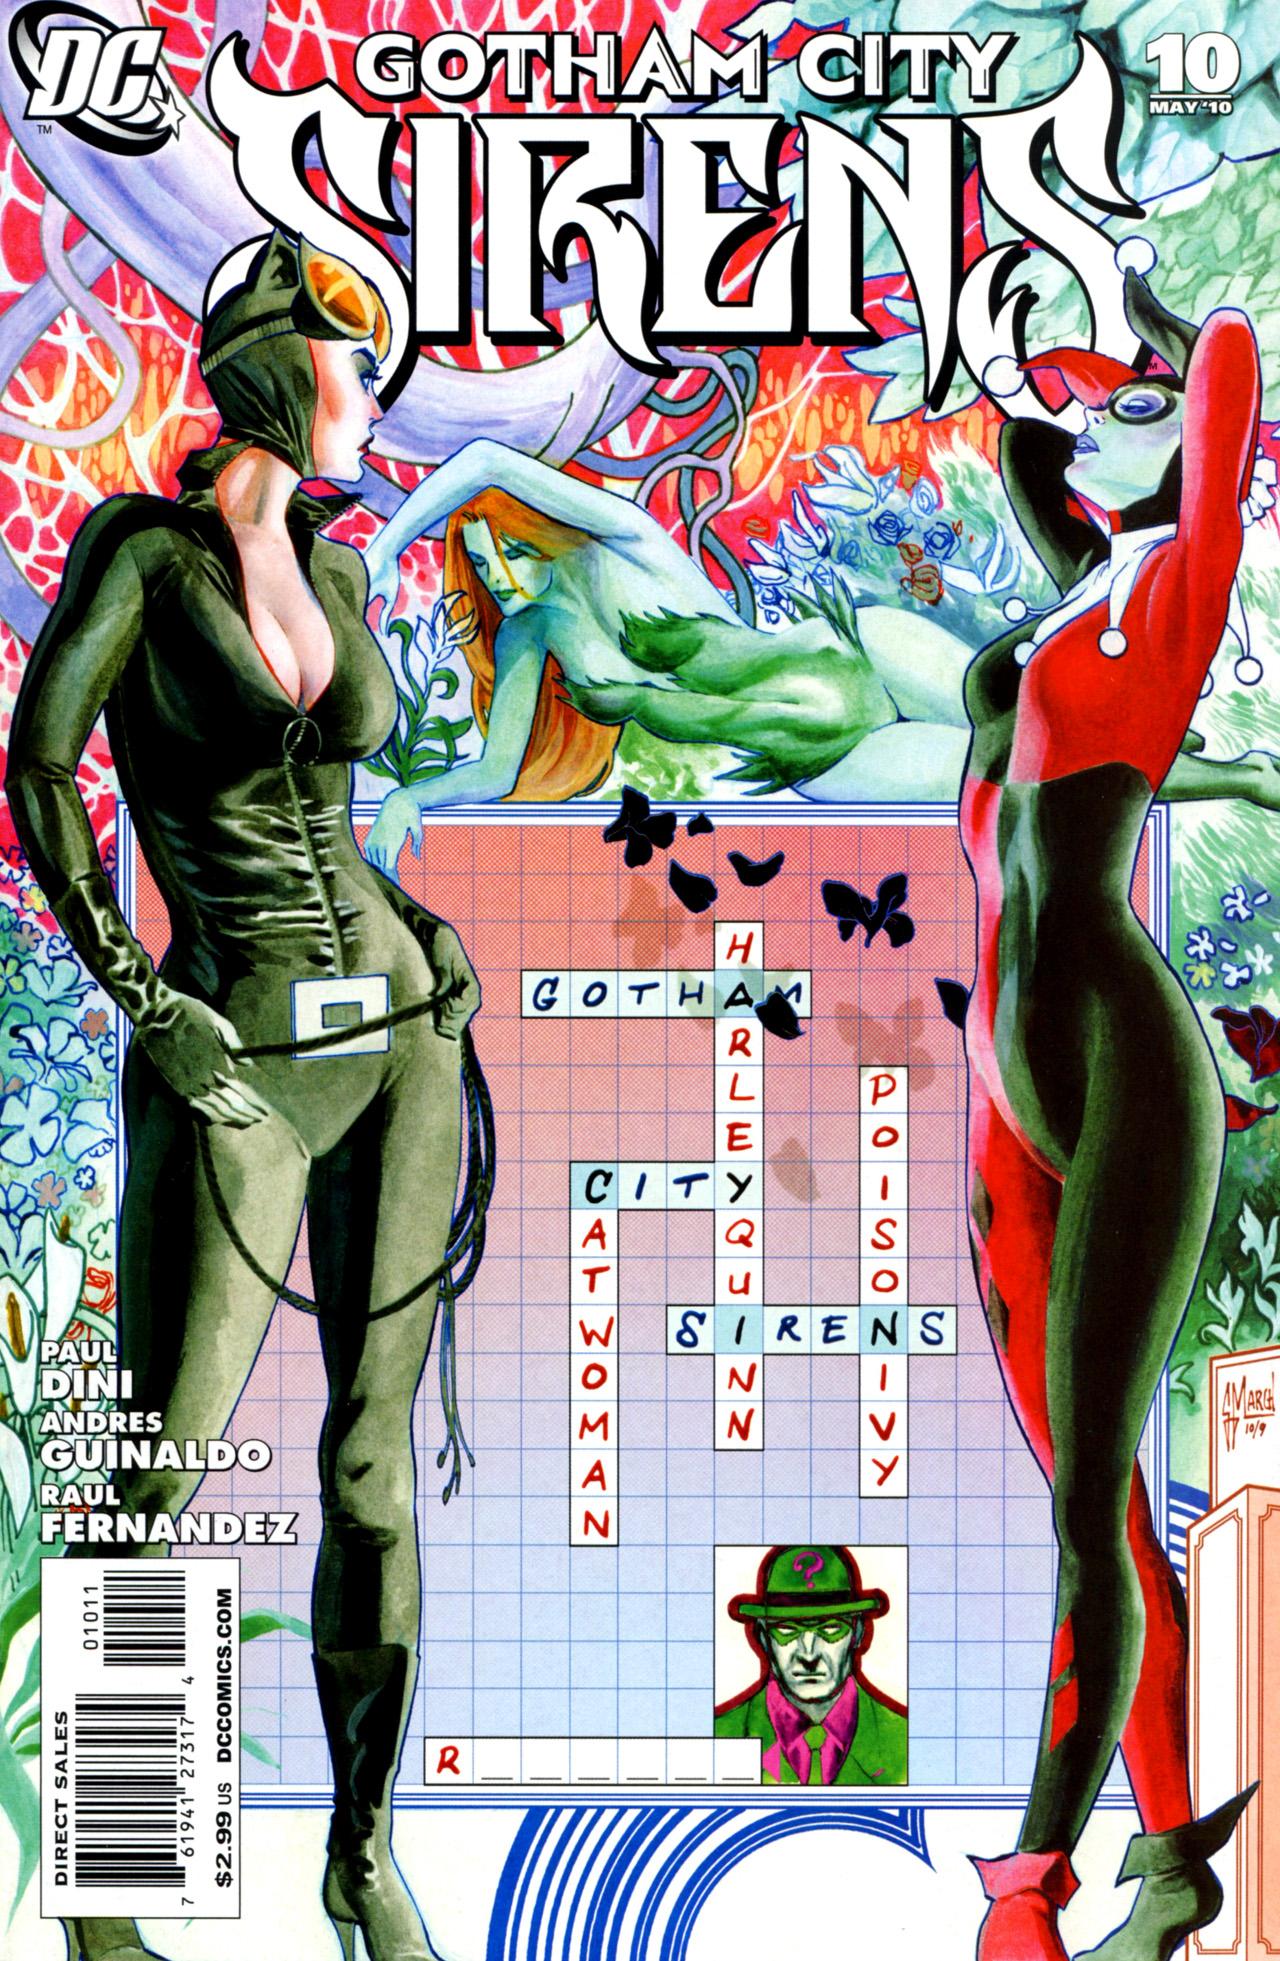 Gotham City Sirens Issue 10 Batman Wiki Fandom